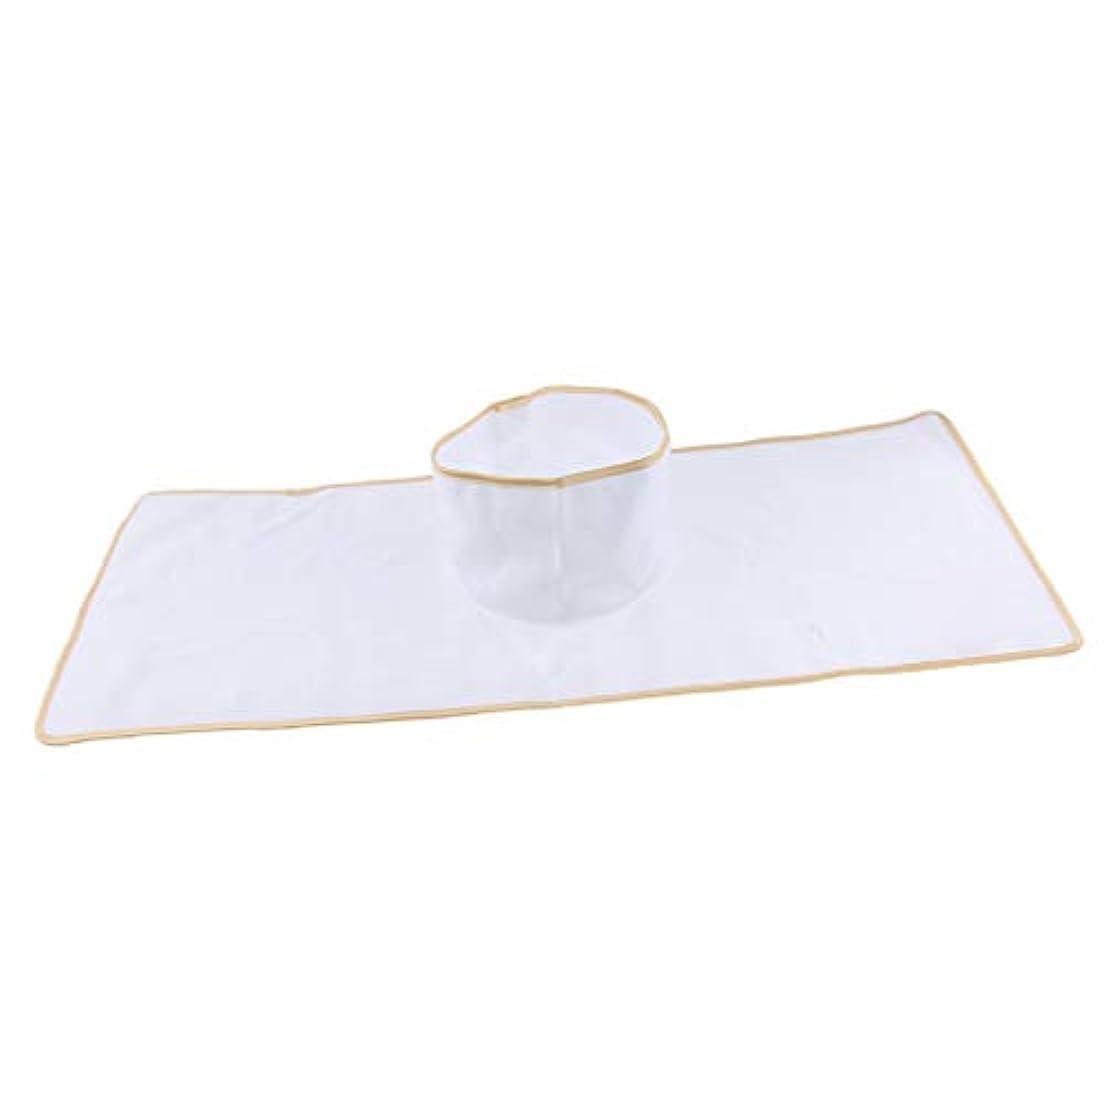 消去喜ぶ考えサロン マッサージベッドシート 穴付き 衛生パッド 再使用可能 約90×35cm 全3色 - 白